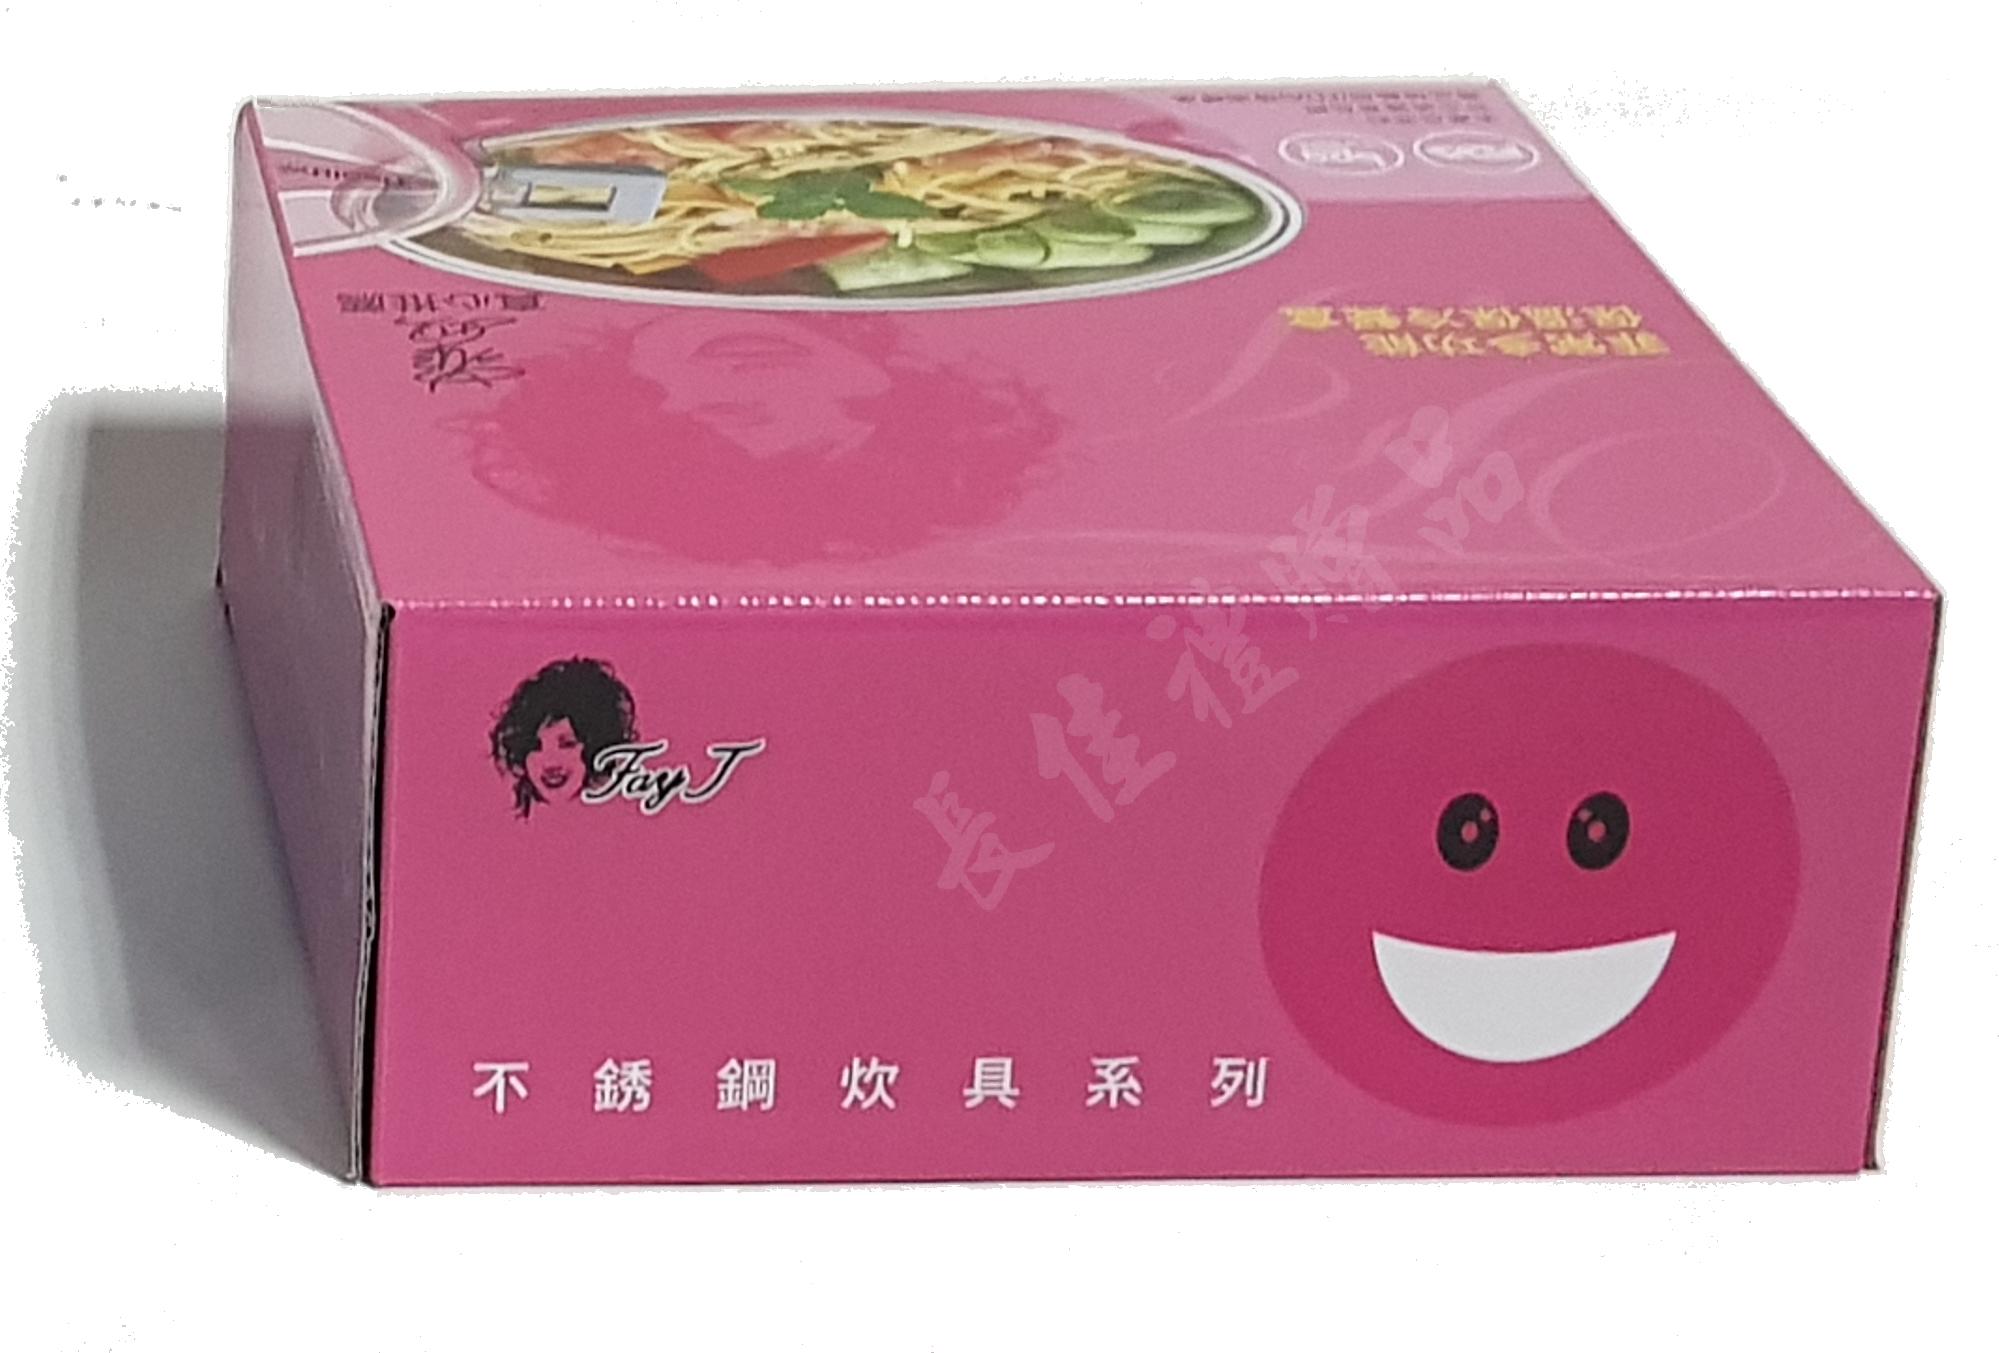 菲常多功能保溫保冷餐盒粉-11.png